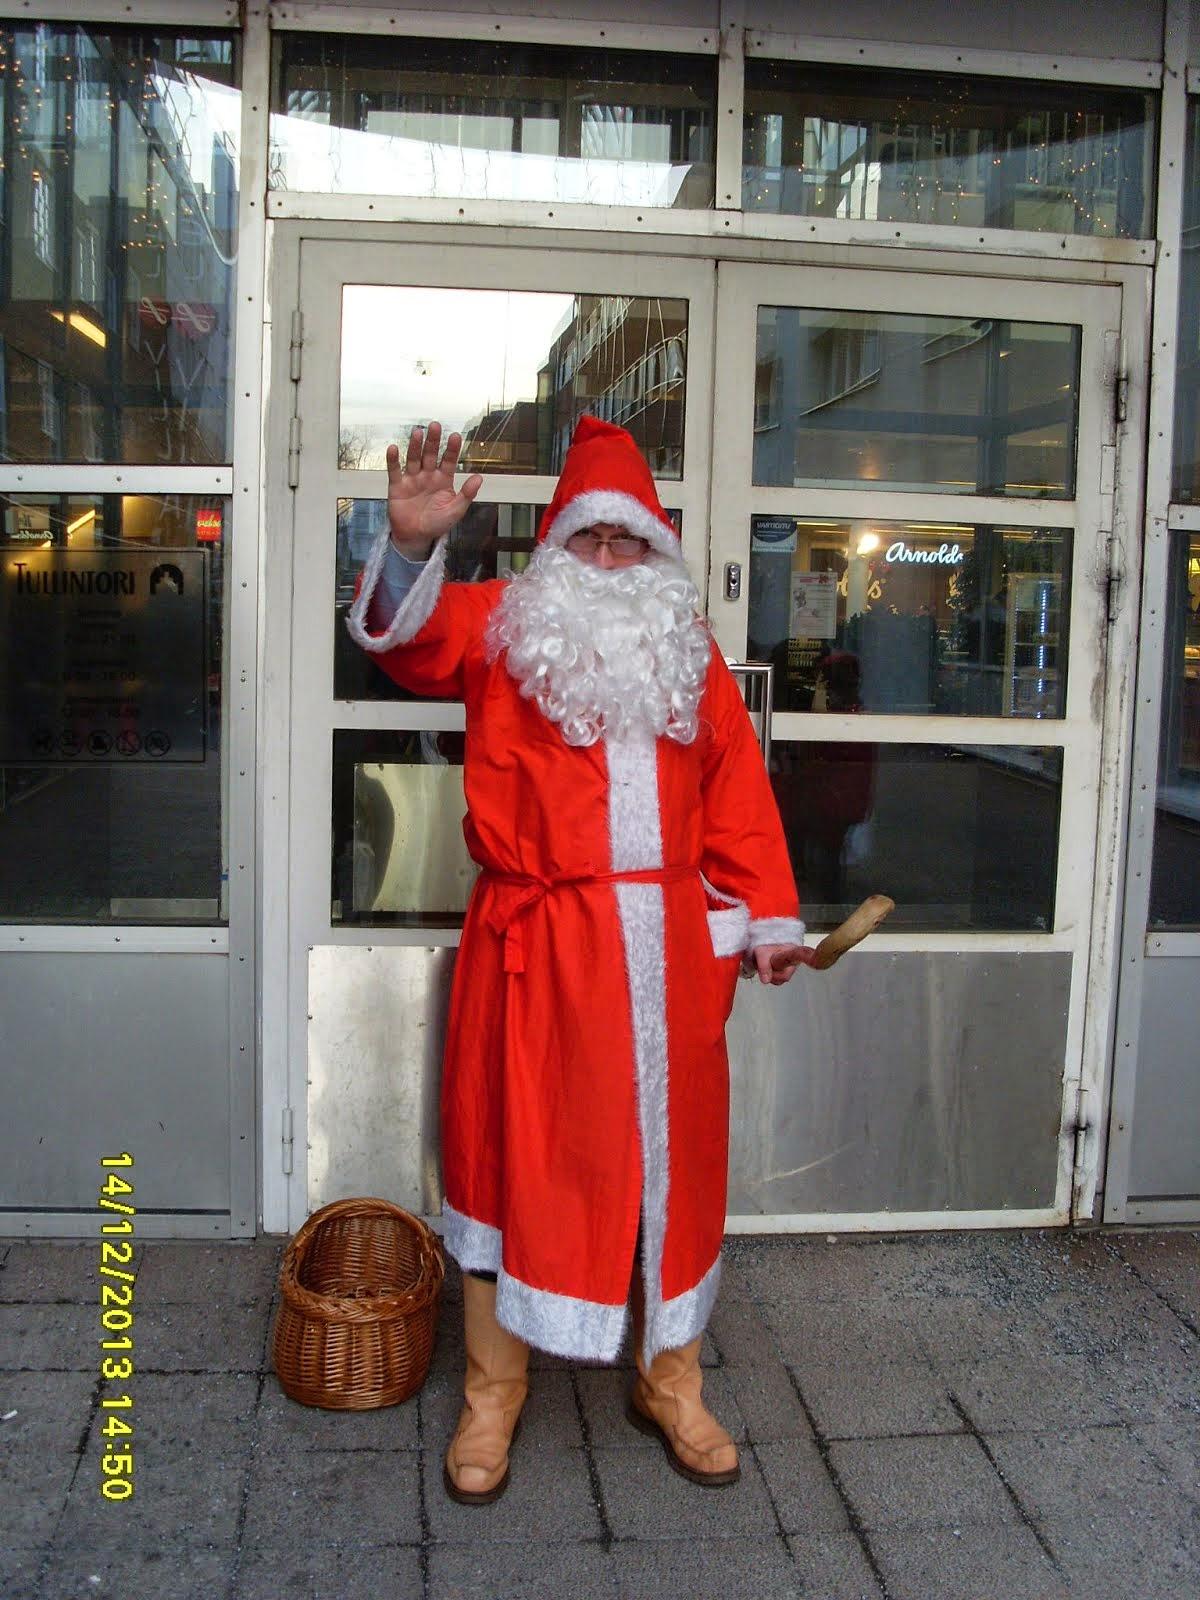 Joulupukkimme tarjoaa suojelua ja lohdusta arjessa ja pyhässä paimensauva apunaan